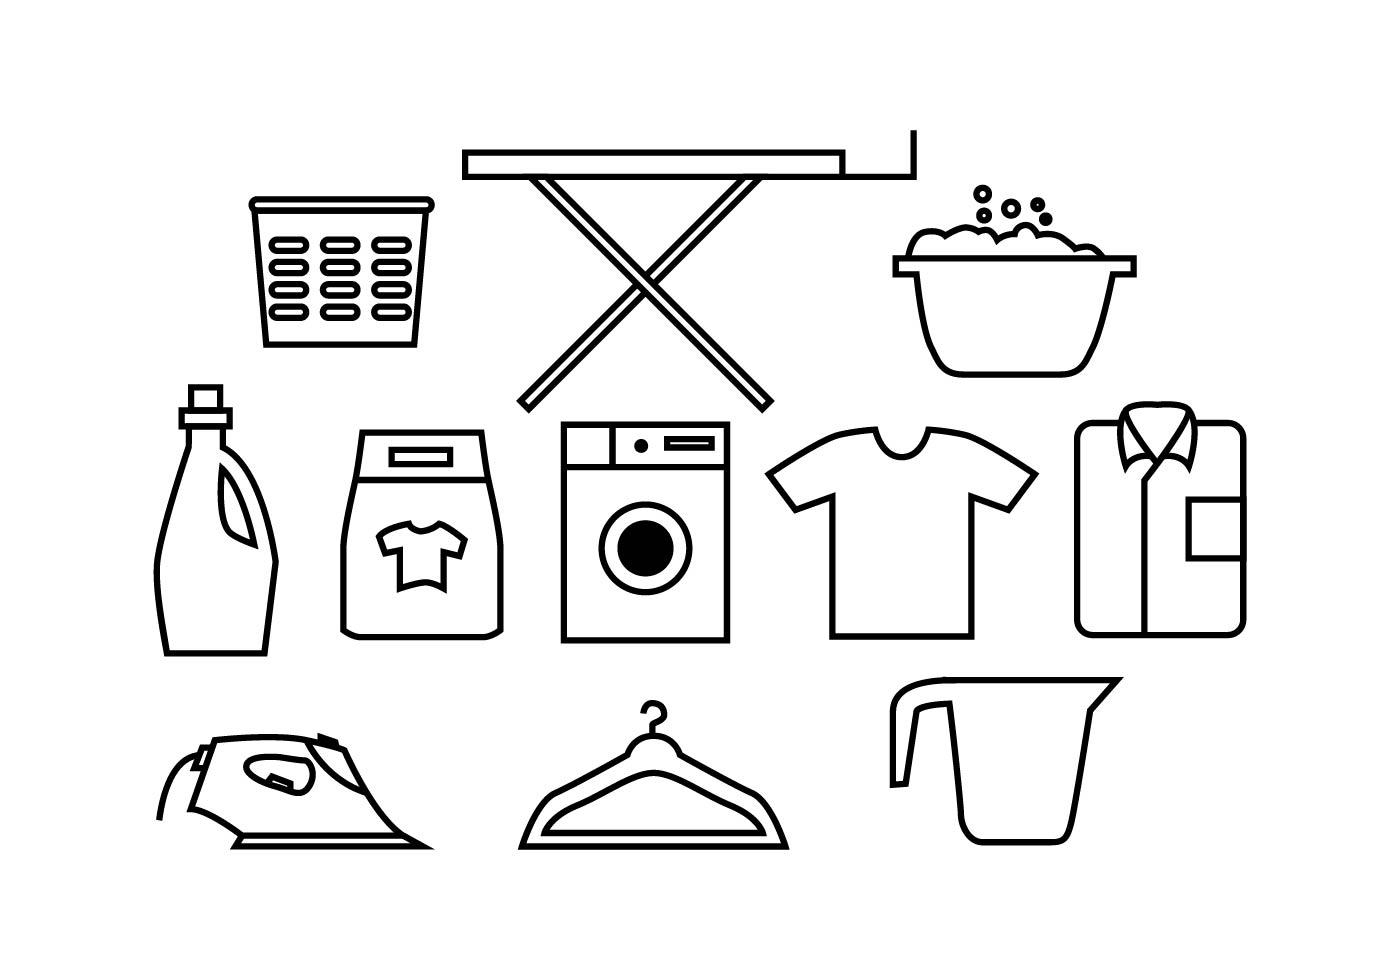 Vector de cones de lavanderia grtis download vetores e grficos vector de cones de lavanderia grtis download vetores e grficos gratuitos ccuart Choice Image